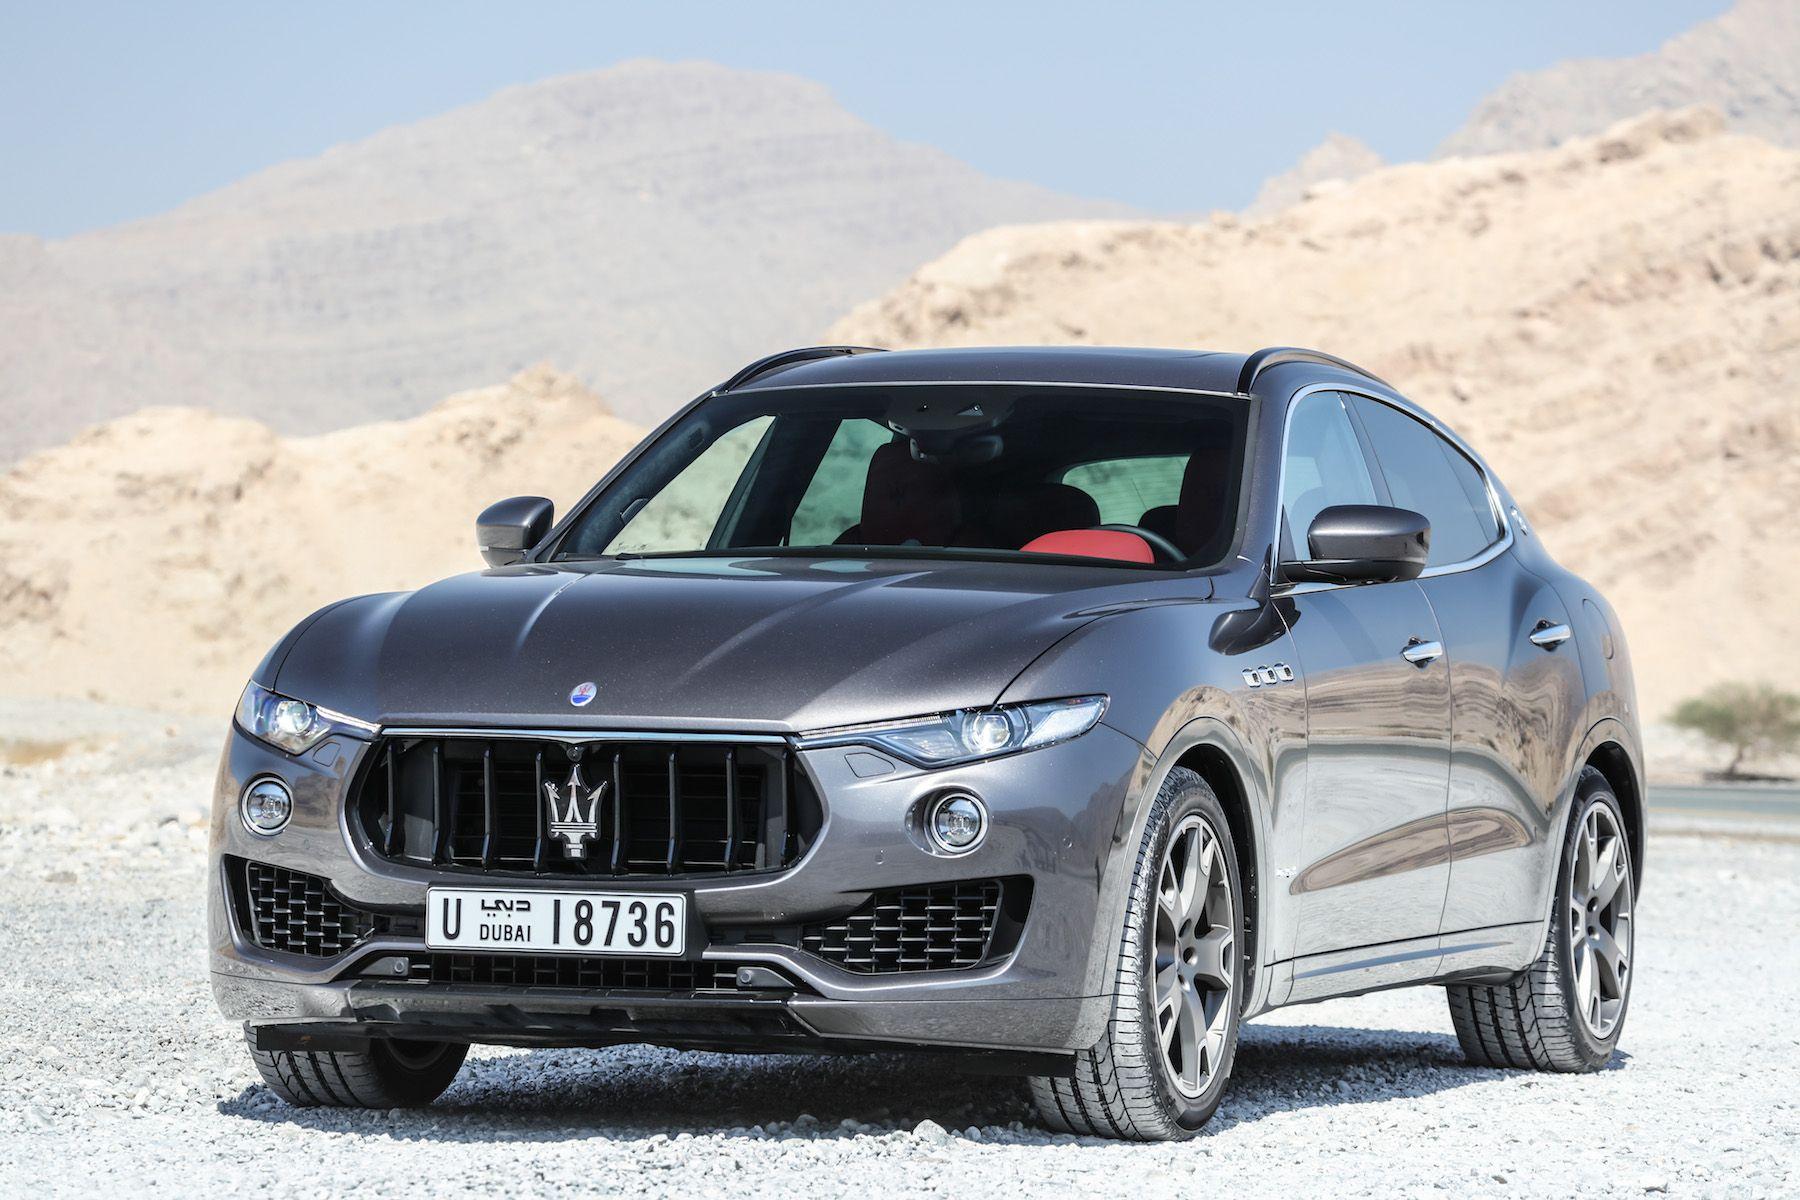 Maserati levante zegna